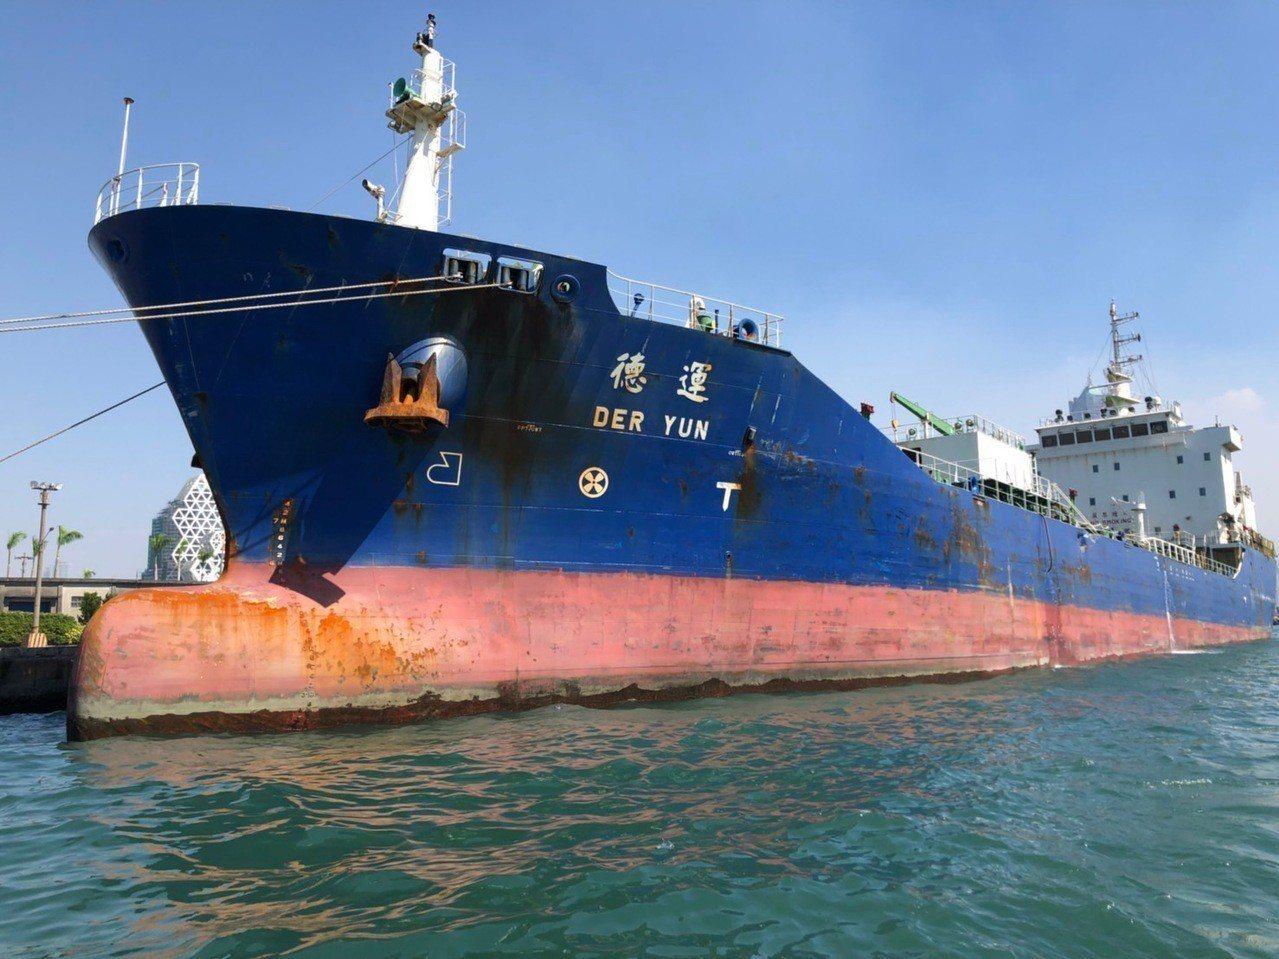 德運輪撞船後左舷受損。記者林保光/翻攝